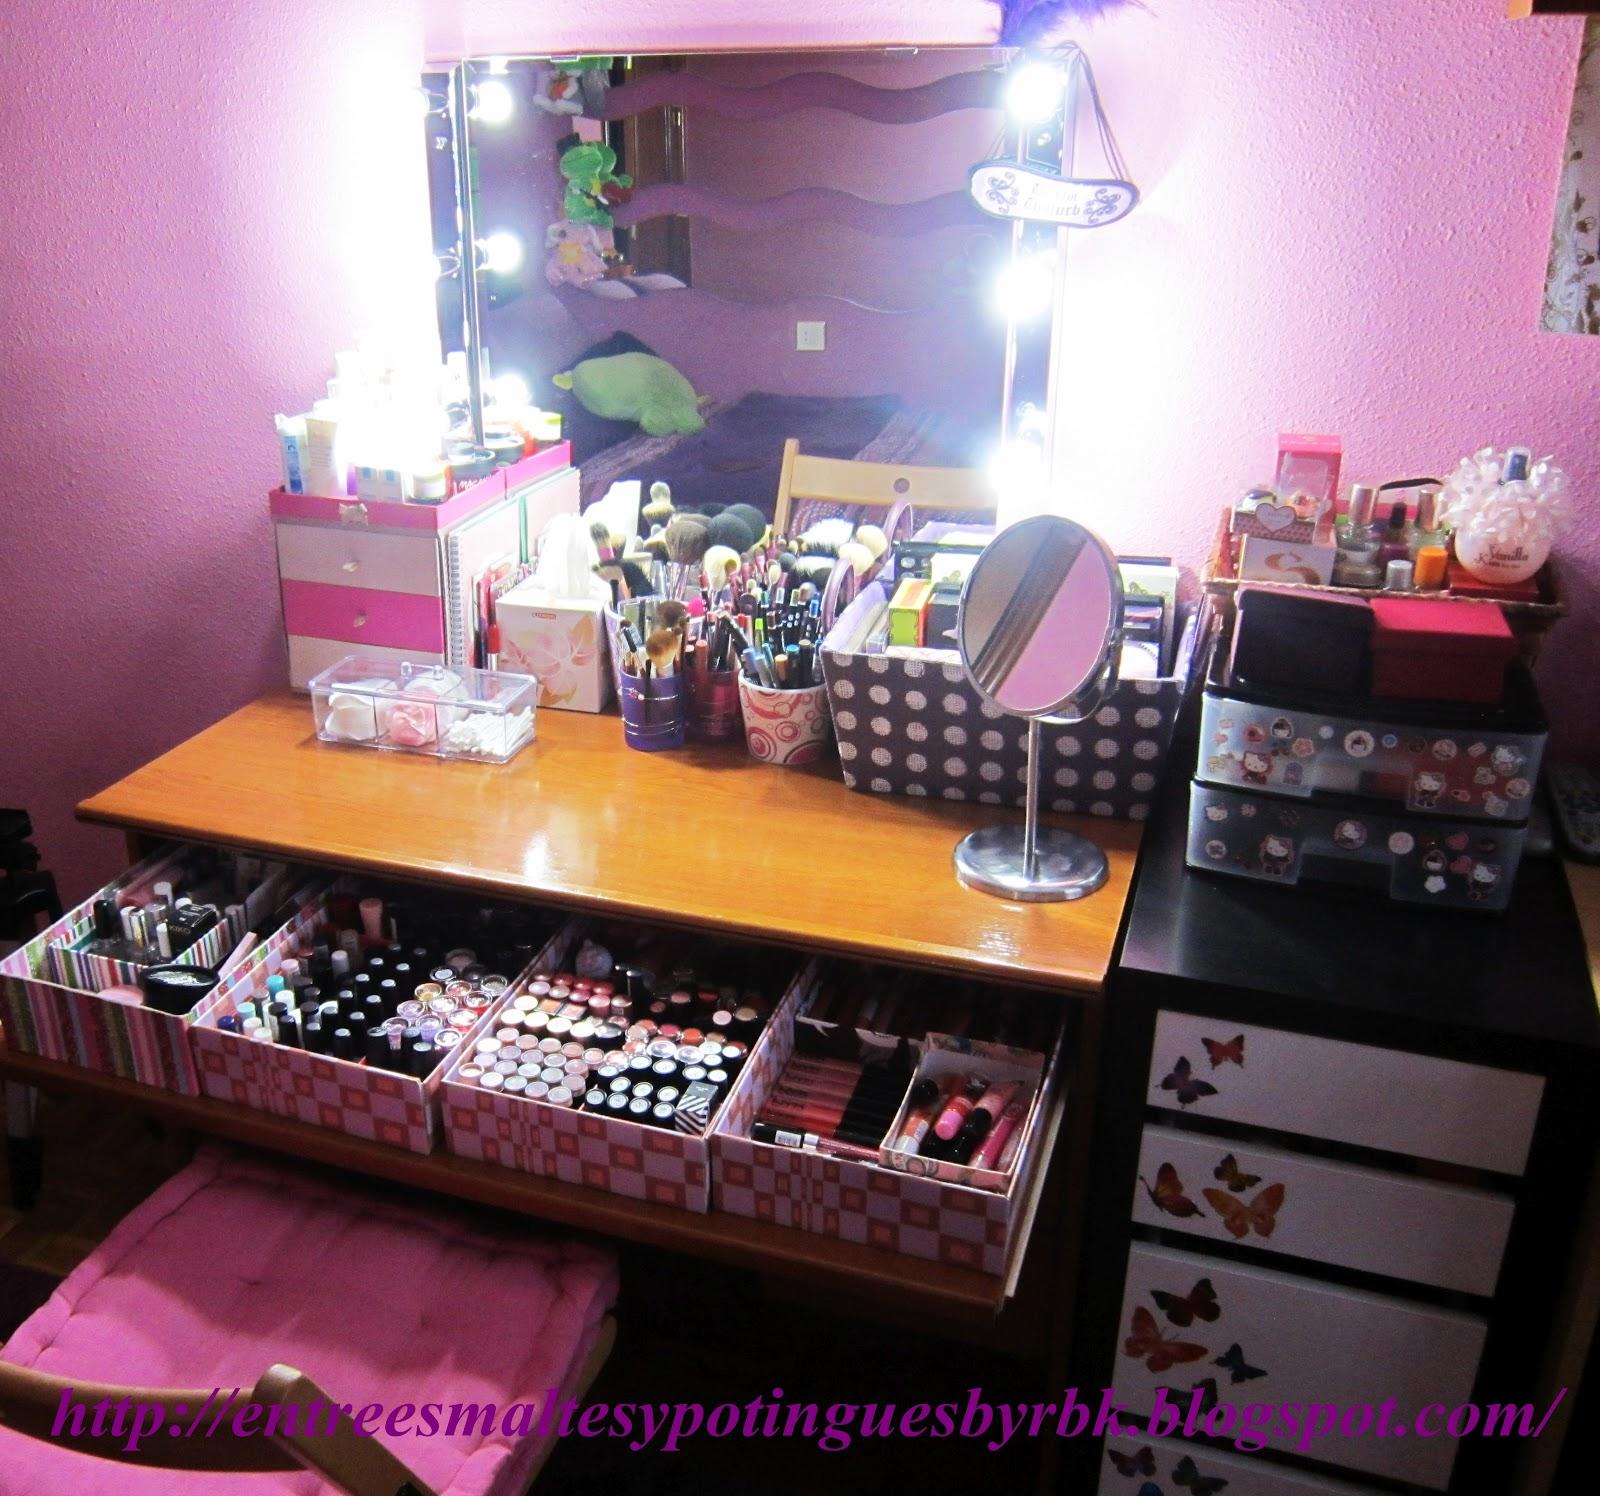 mueble tocador para maquillaje entre esmaltes y potingues colecci n de maquillaje 2012